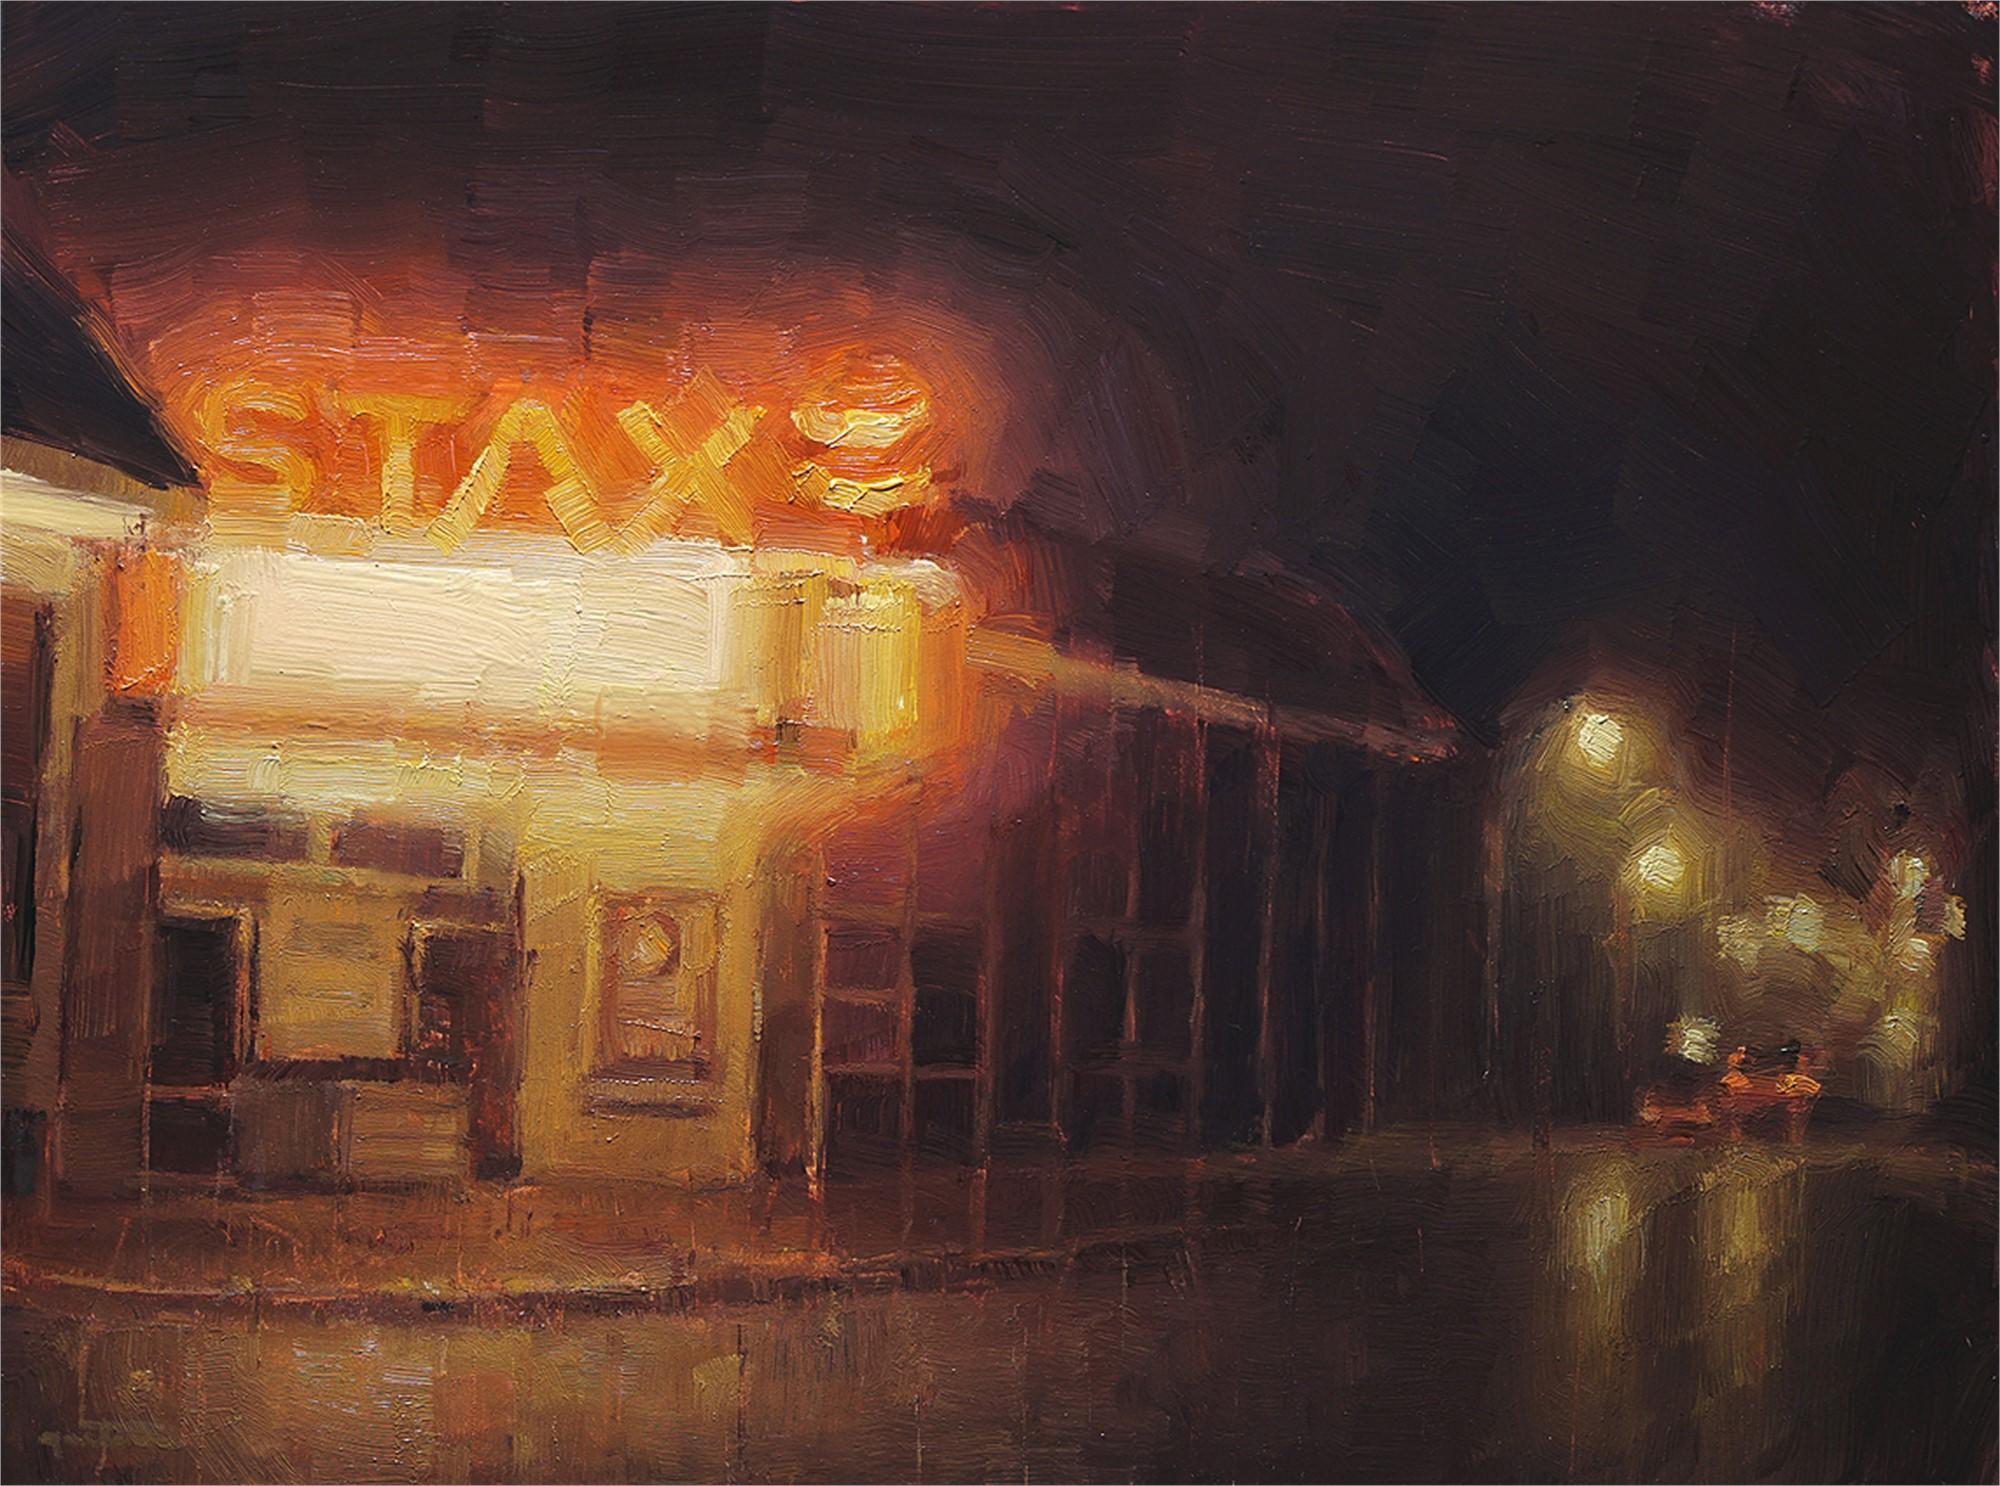 Stax by Nicolas Martin